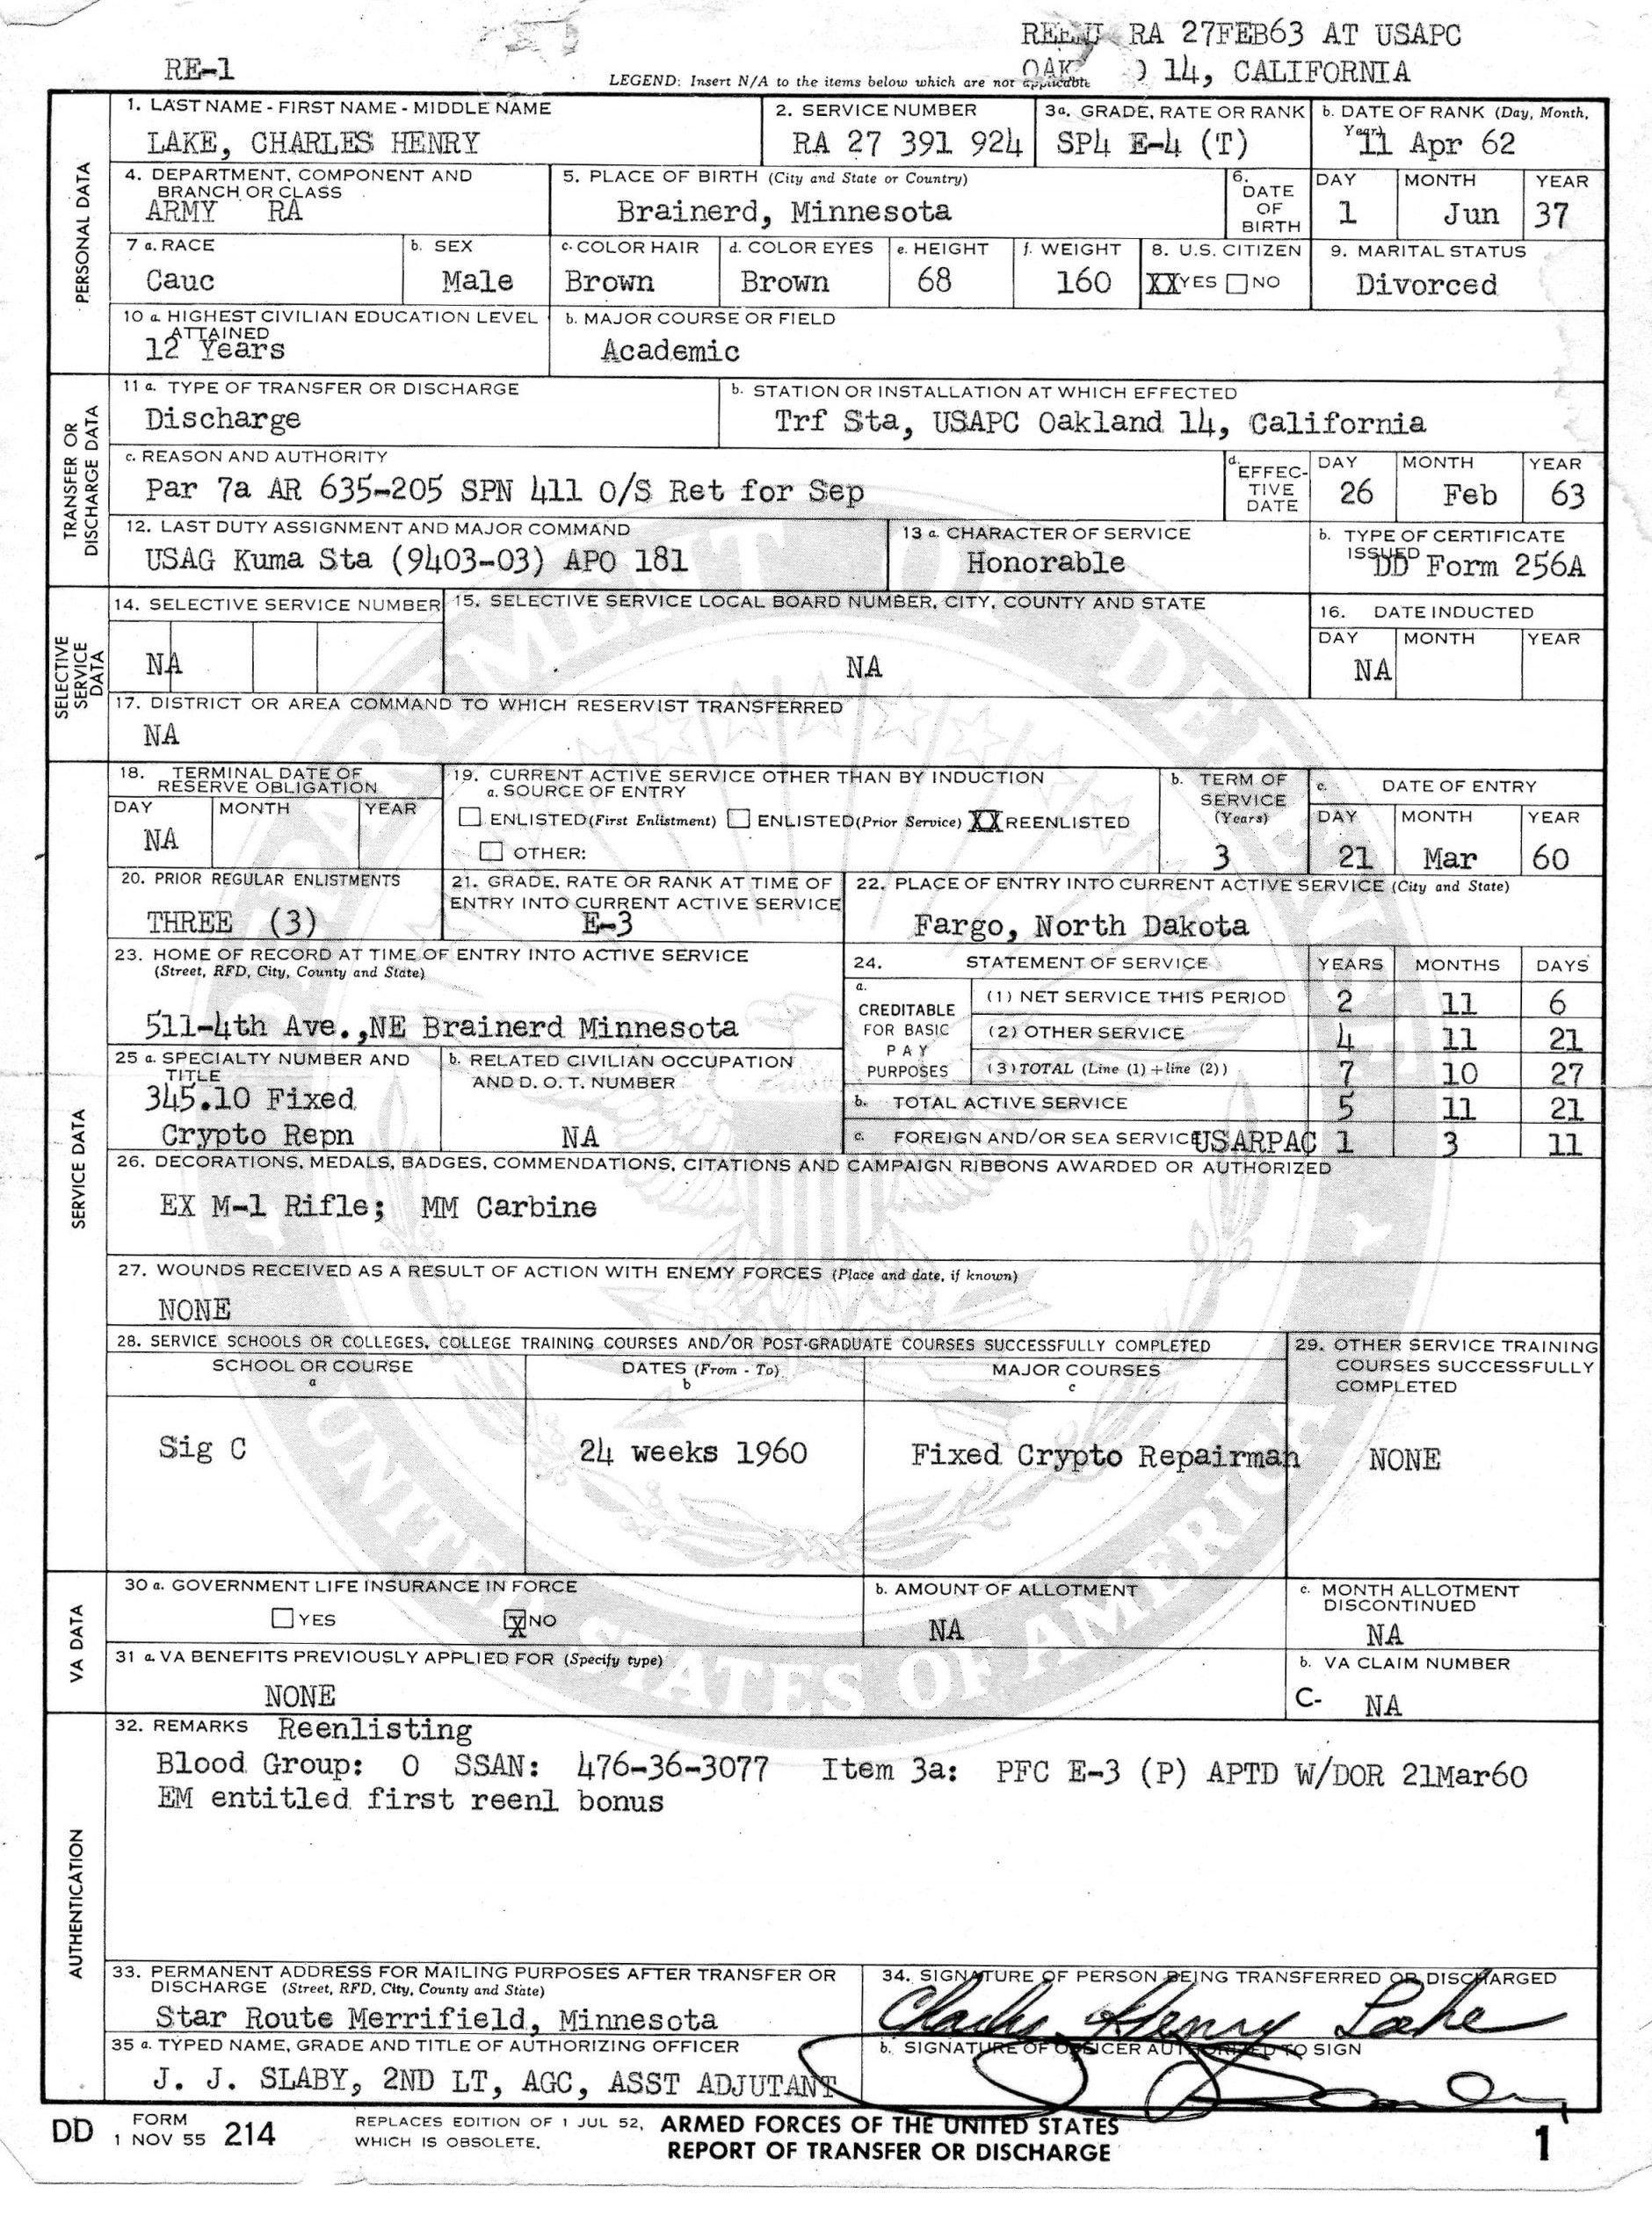 Blank Dd form 214 Pdf Dd214 Long form